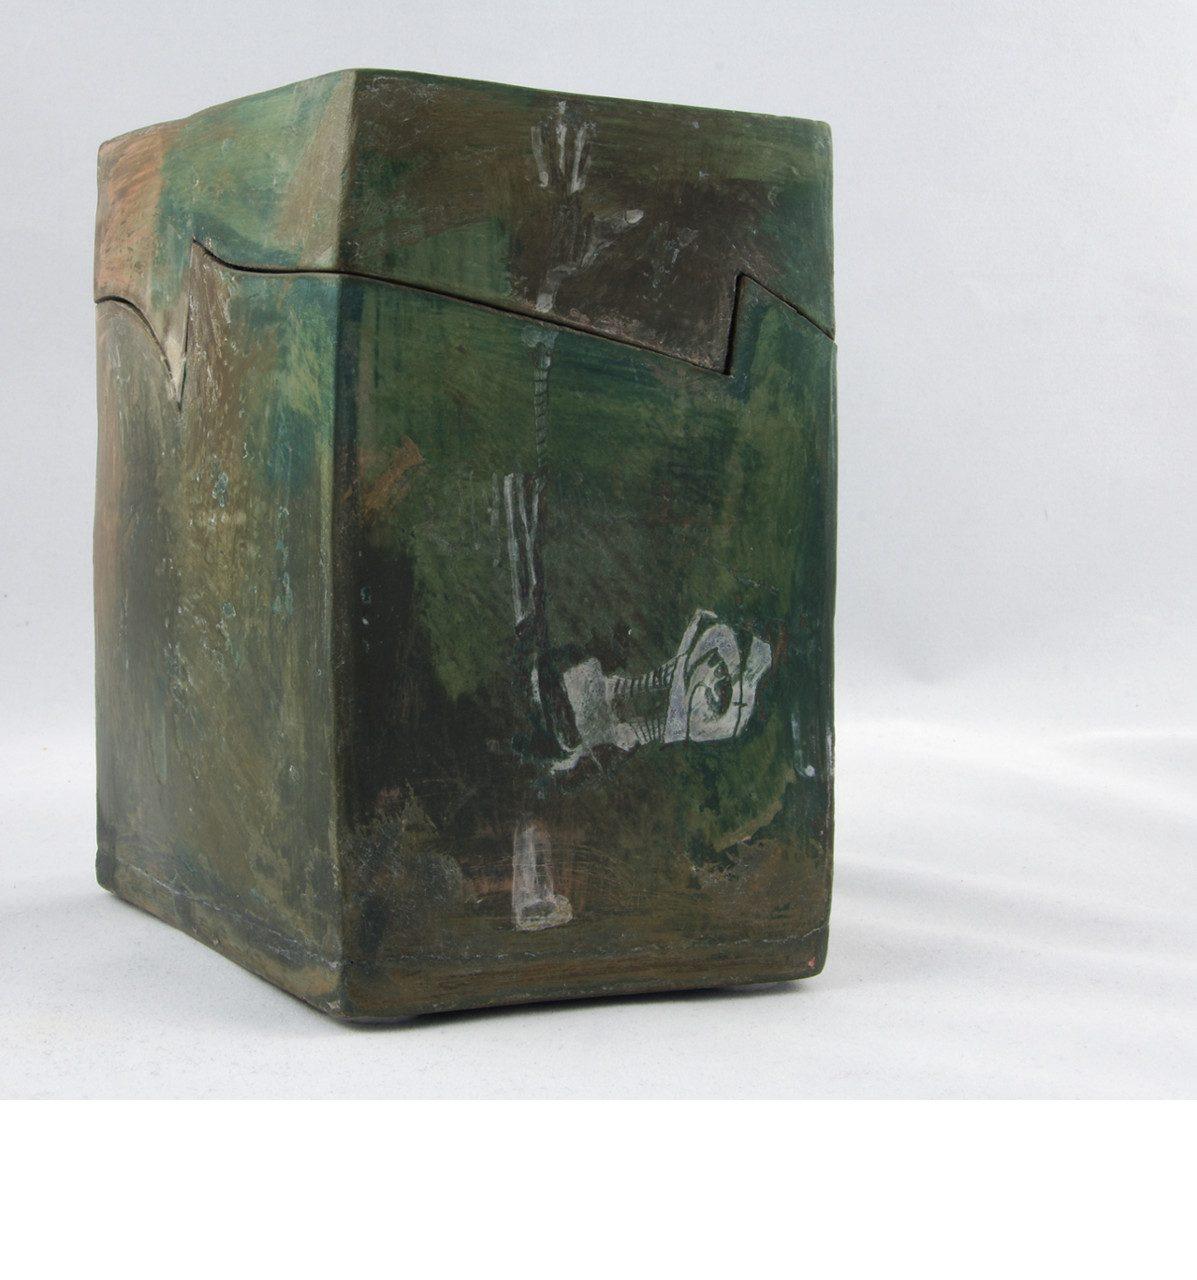 FÉLINE, 2016 céramique - engobe - émail et cire (15.5x13x12cm) - Inv. 00111 (+) DÉTAILS